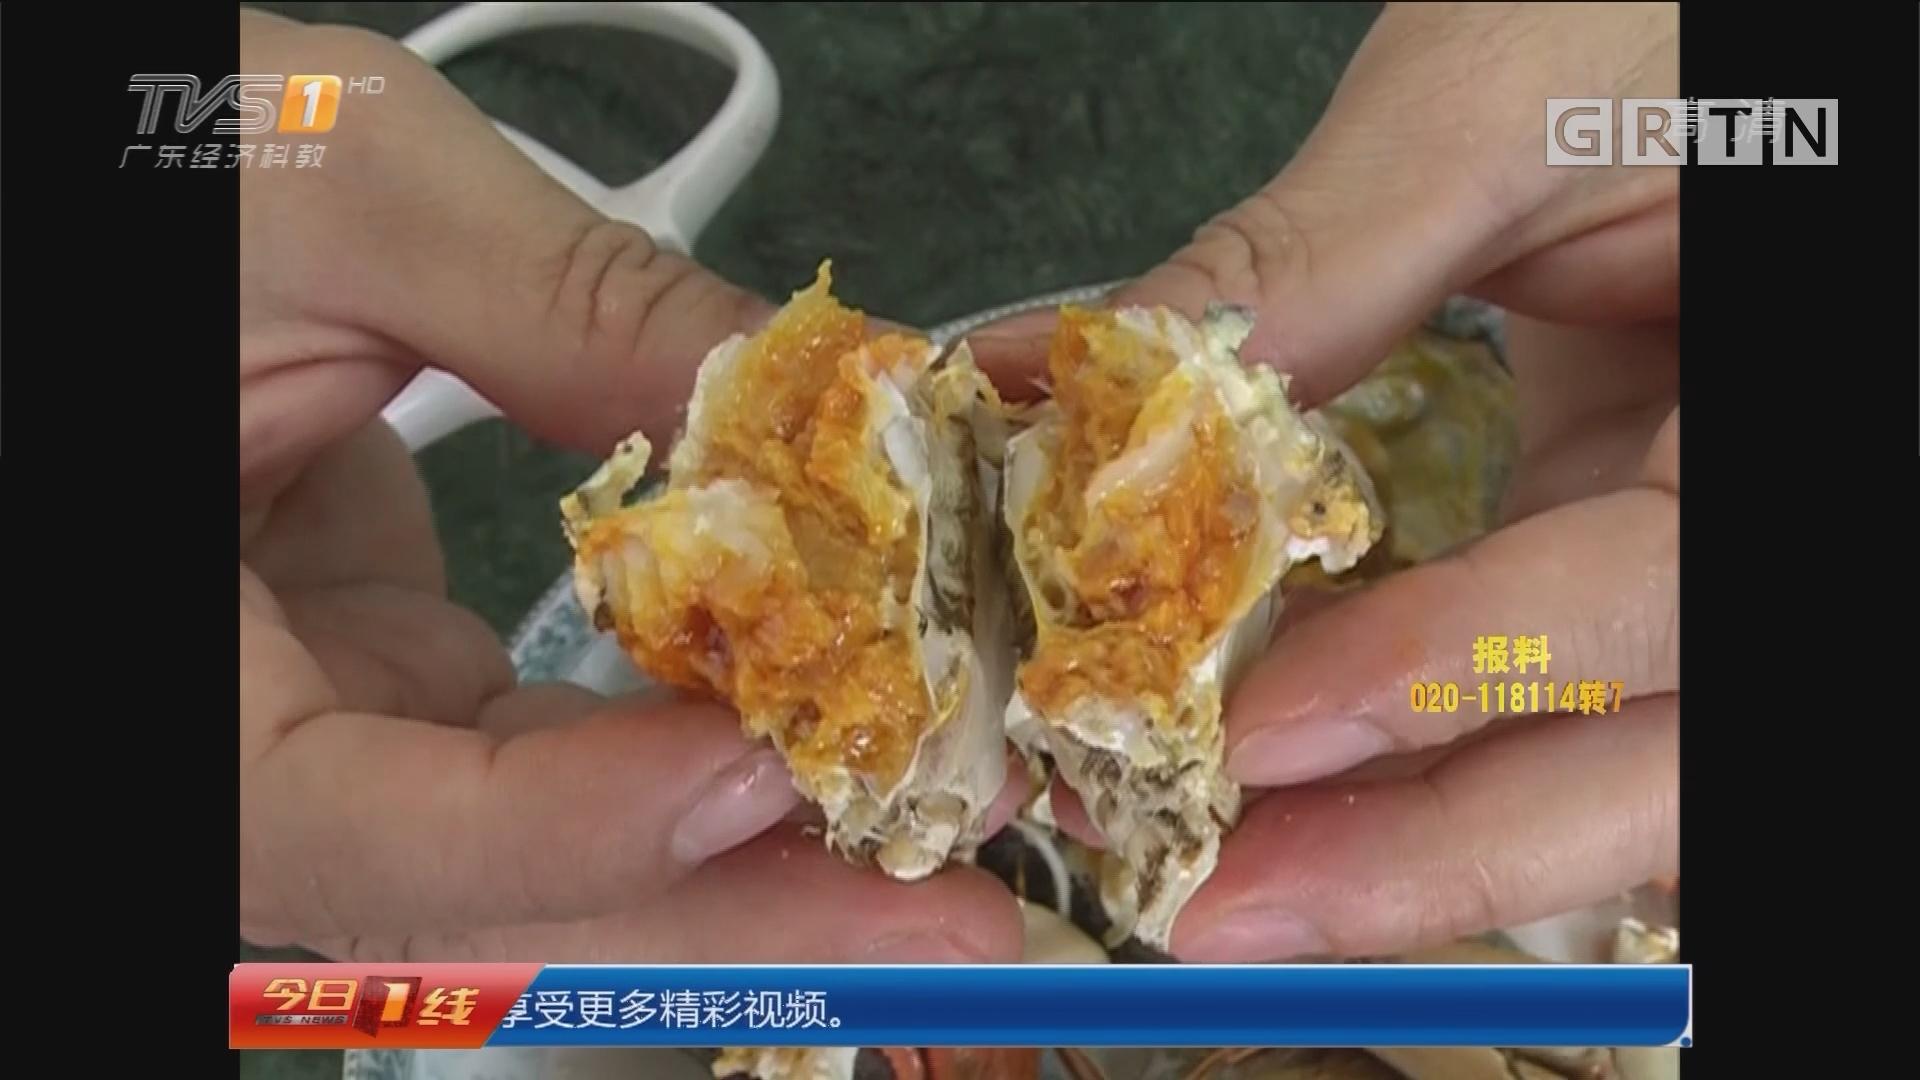 深圳:吃螃蟹有讲究 贪食易诱发疾病